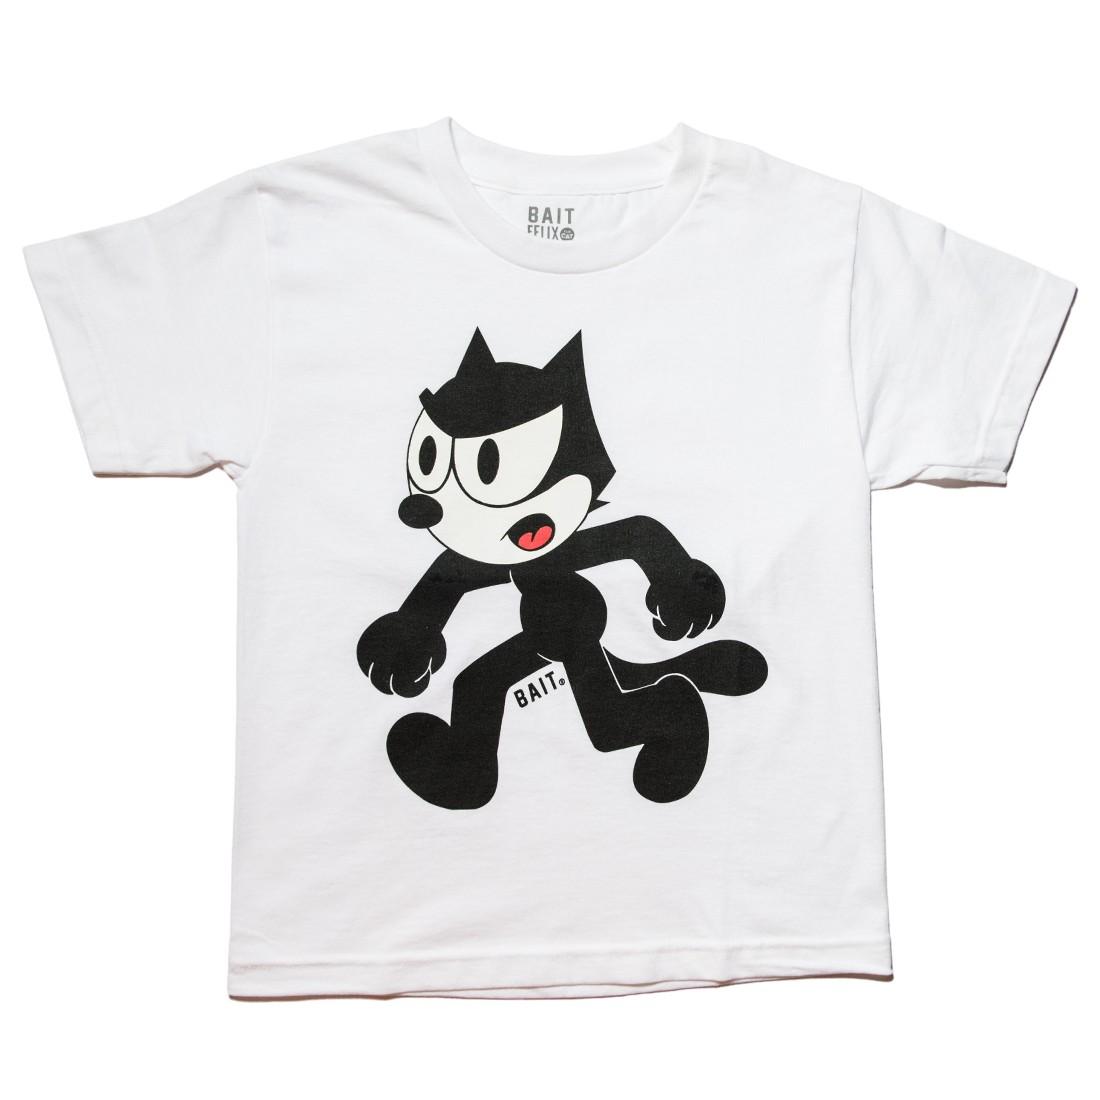 BAIT x DreamWorks Big Felix Youth Tee (white)